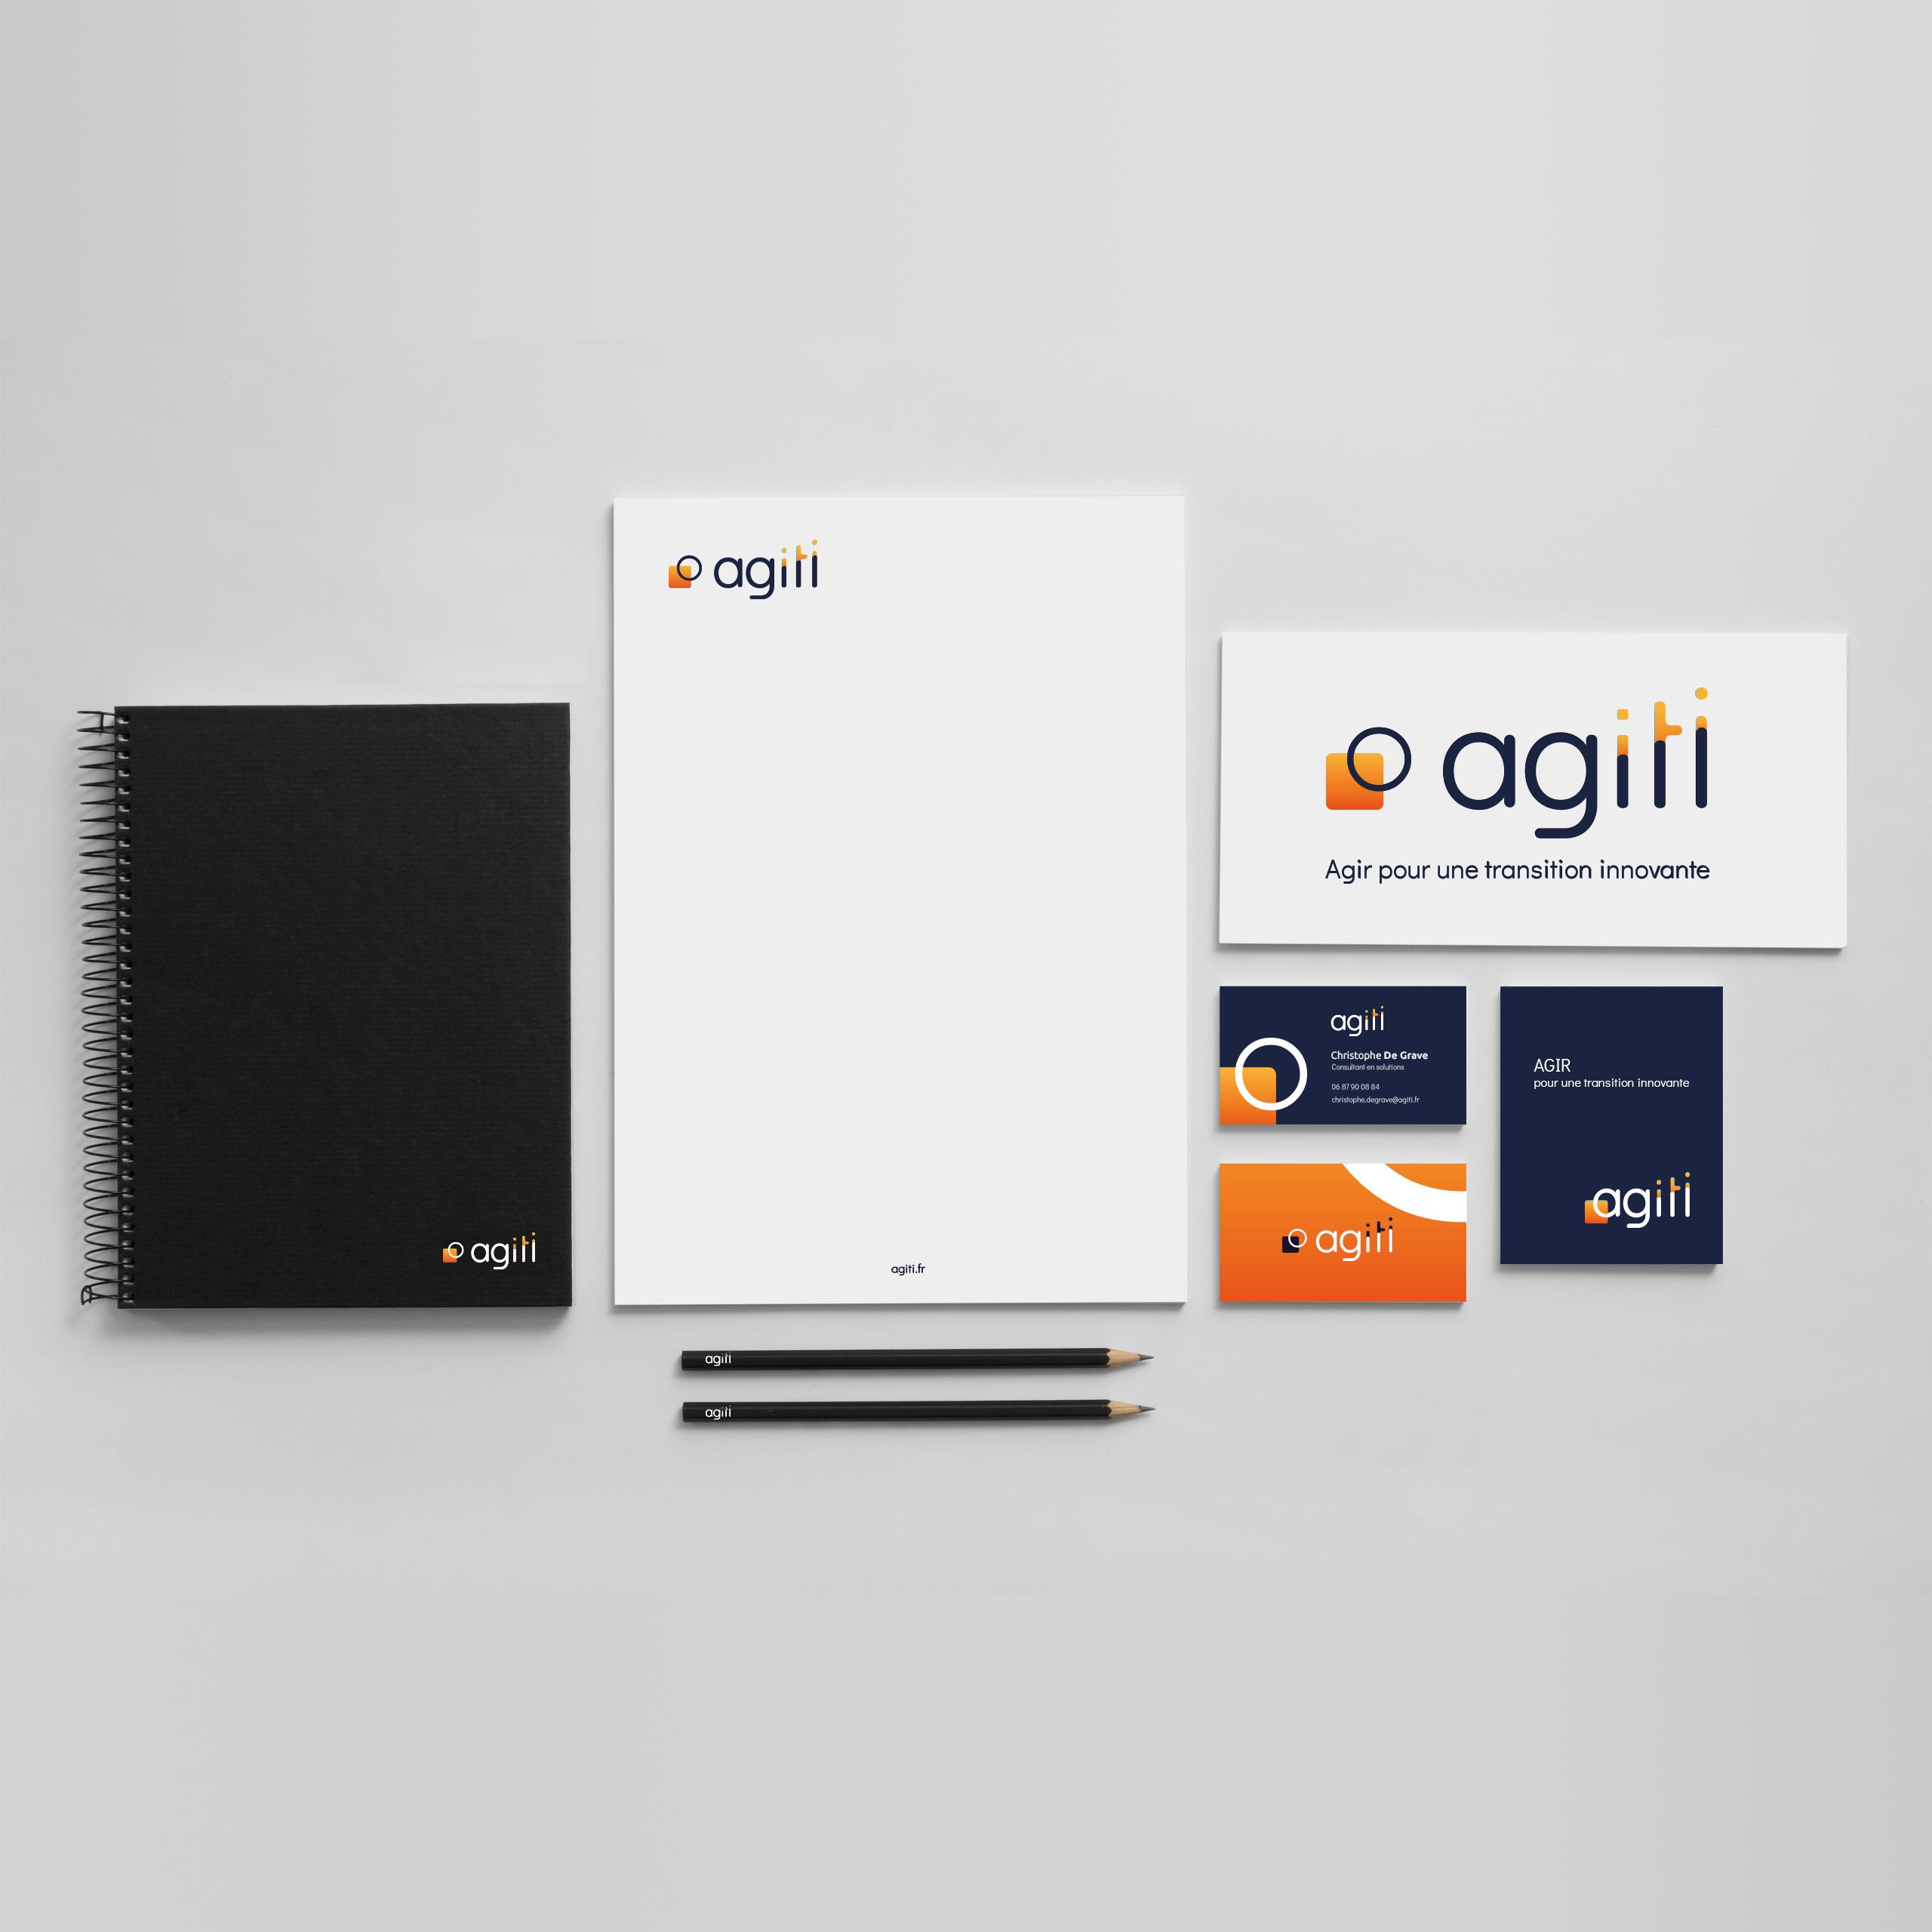 Identité visuelle et supports de communication pour l'entreprise Agiti réalisés par MADMINT